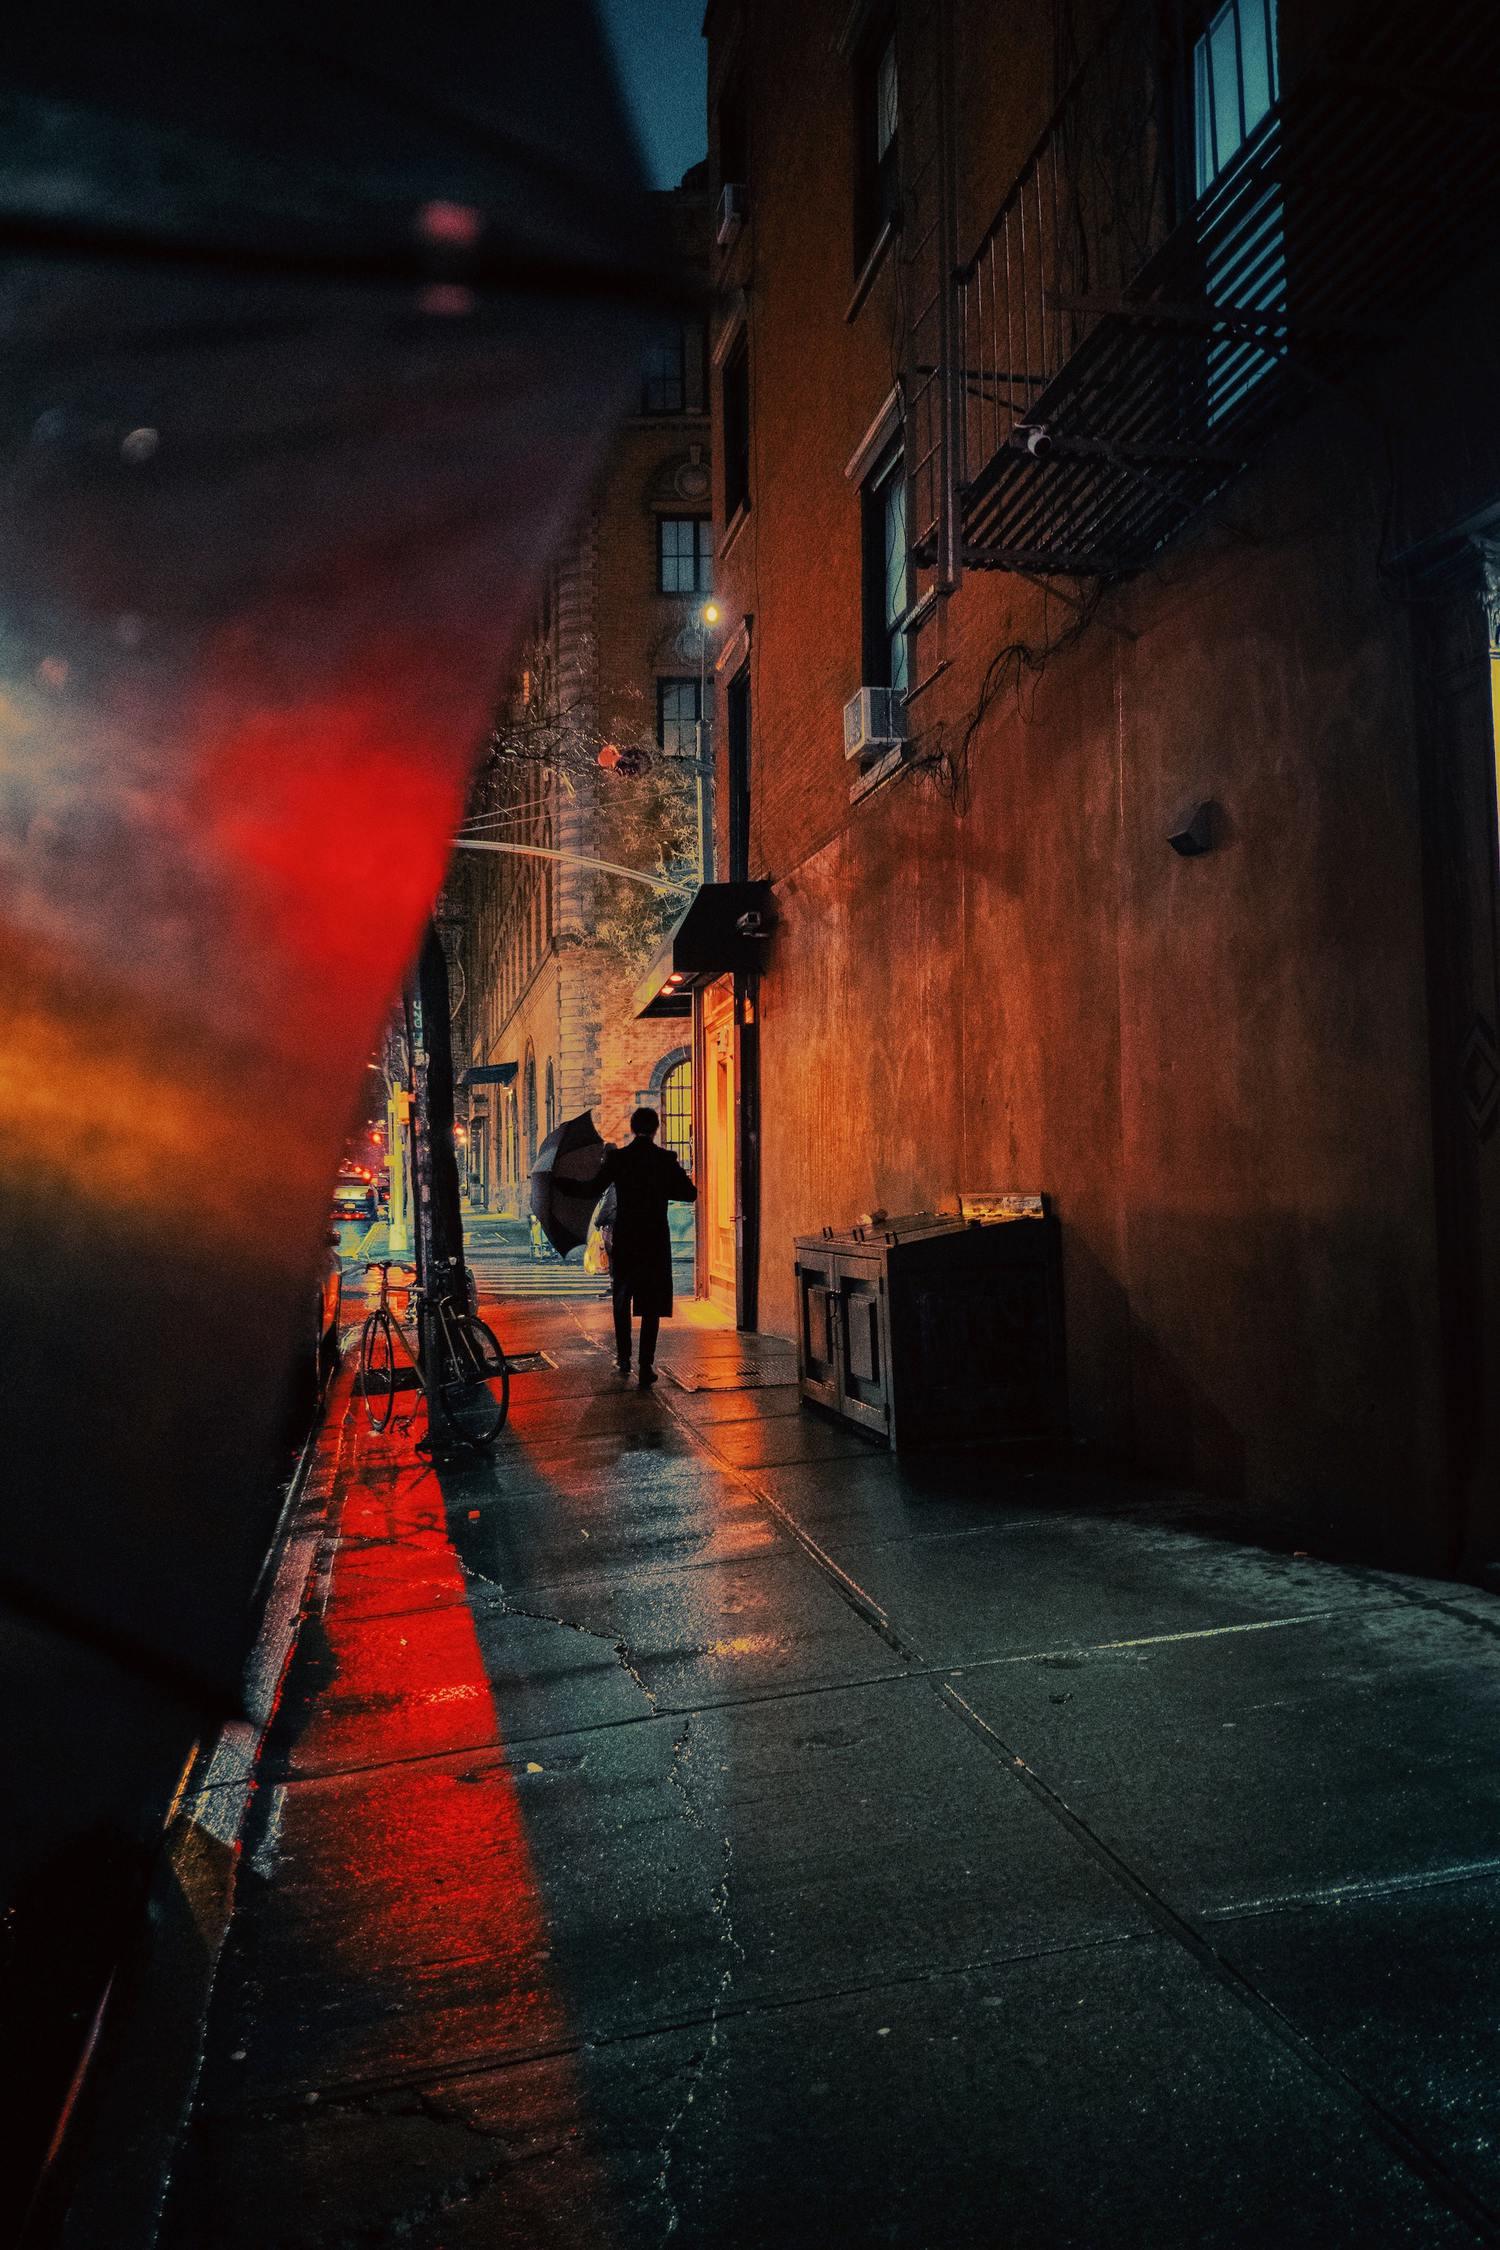 fotografía callejera en color